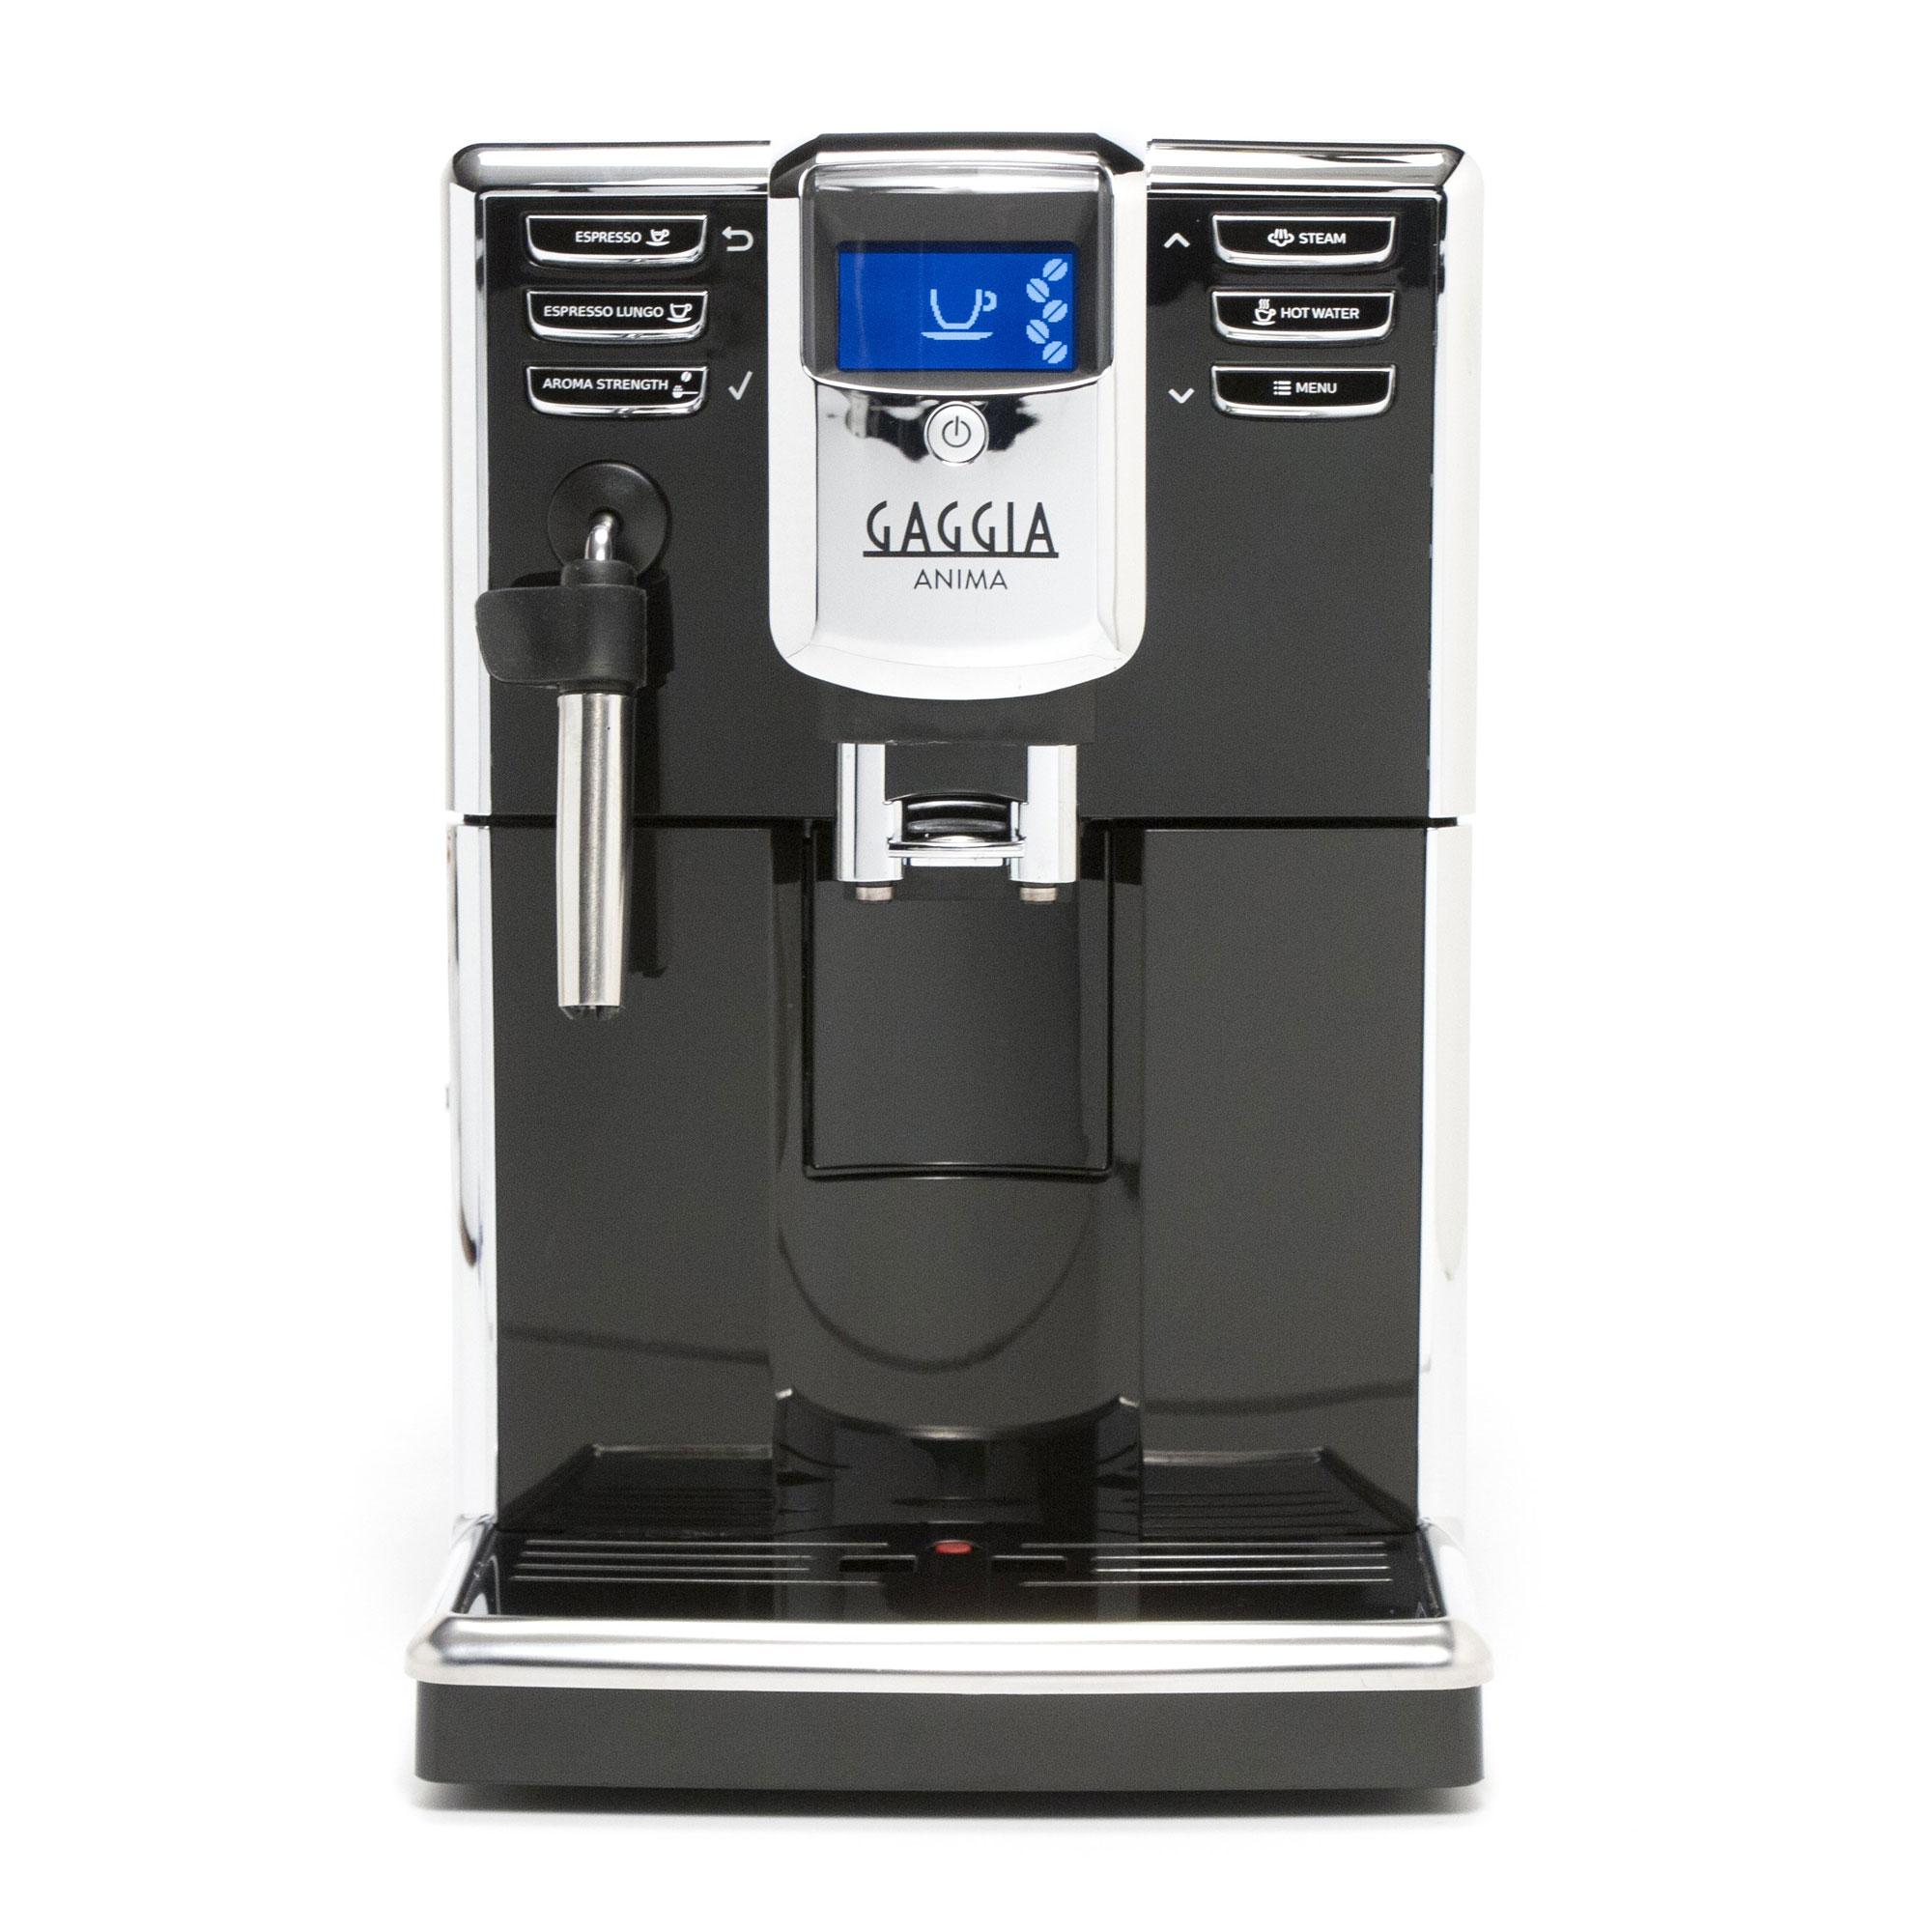 Gaggia Anima Super Automatic Espresso Machine - Black Model No.RI8760/46